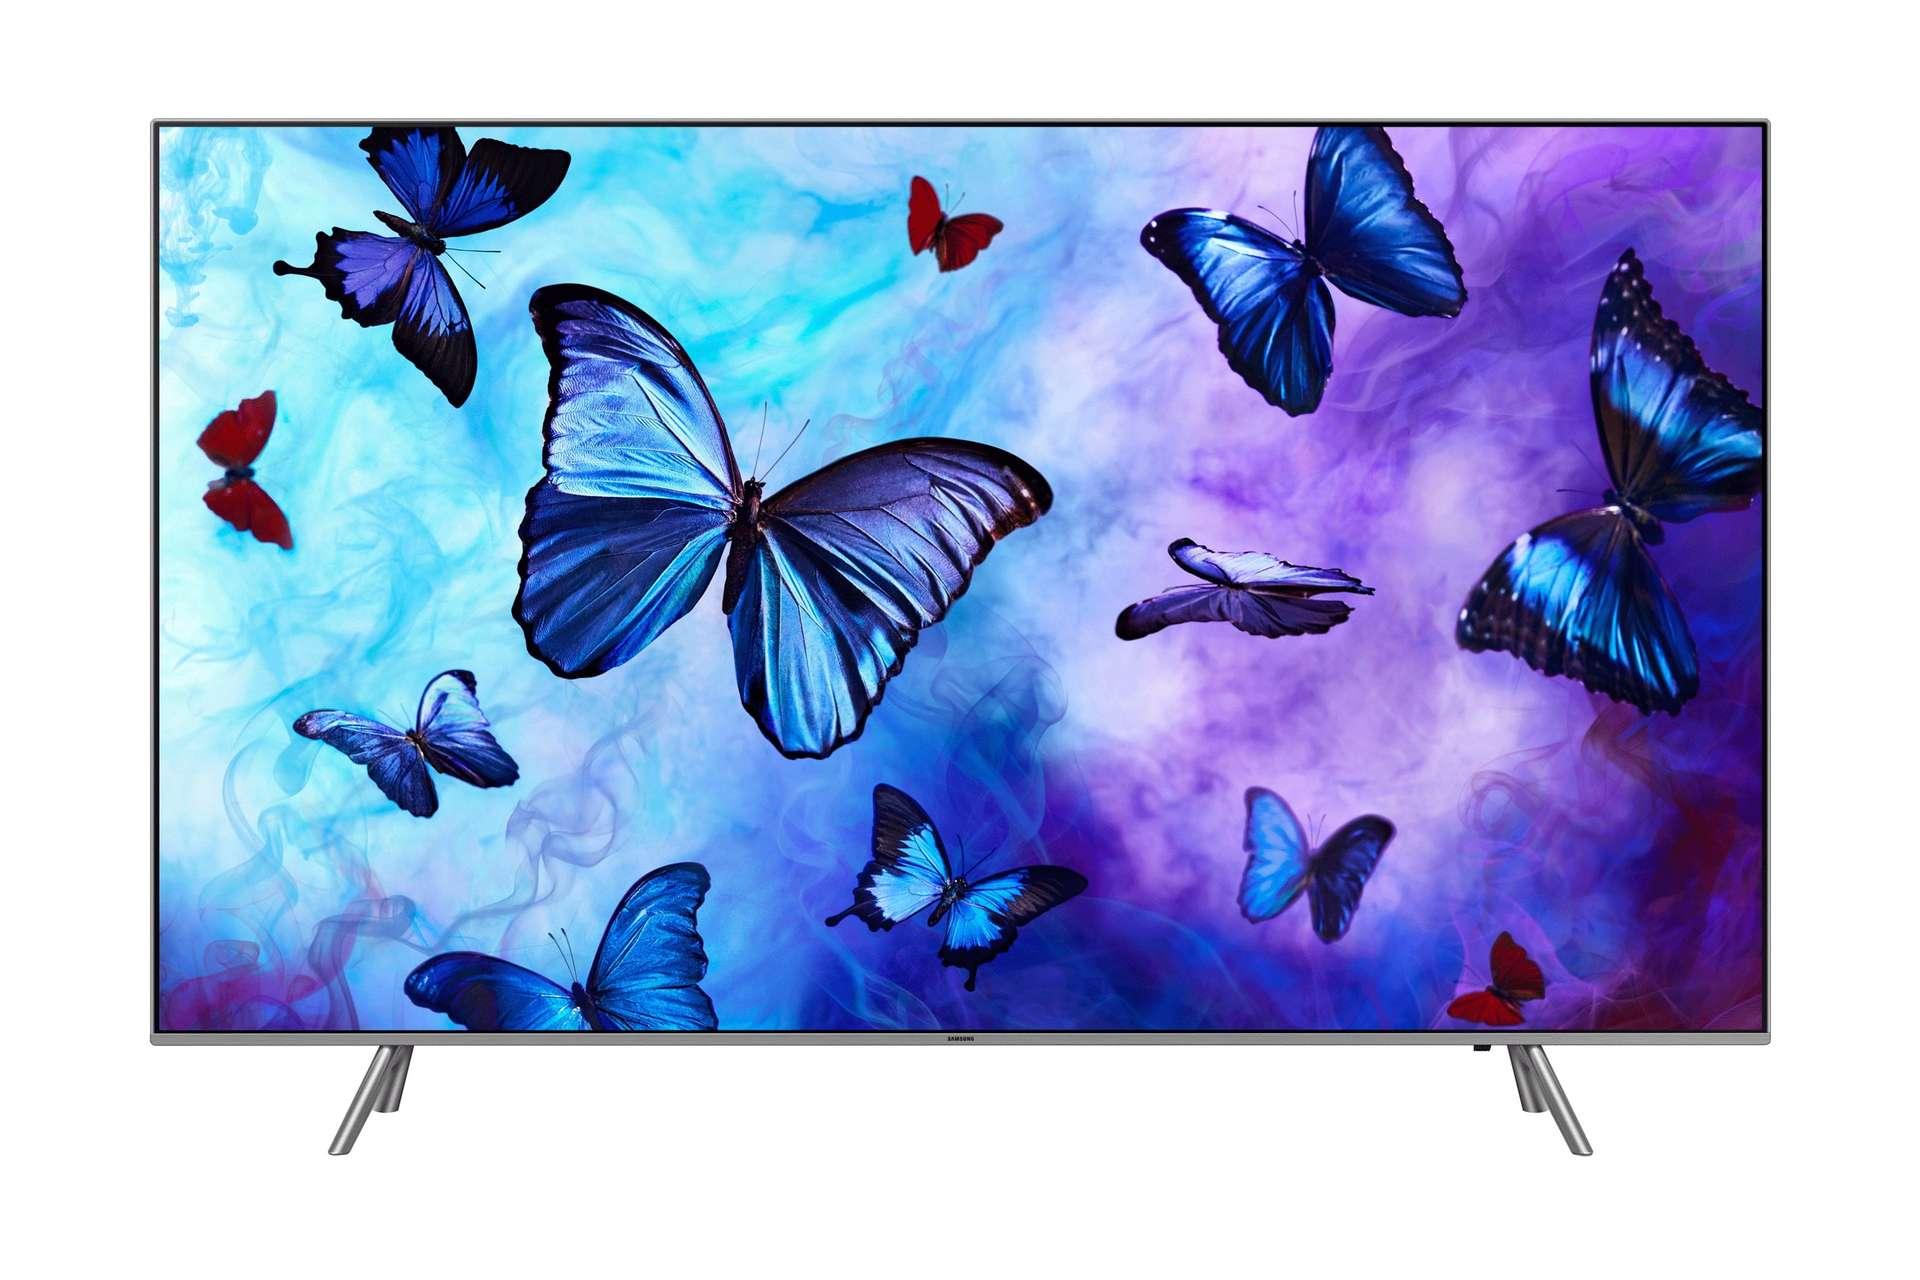 Vous êtes à la recherche d'un bon téléviseur ? La Samsung TV QLED 4K 55Q6FN dispose de toutes les fonctionnalités dernière génération. ©